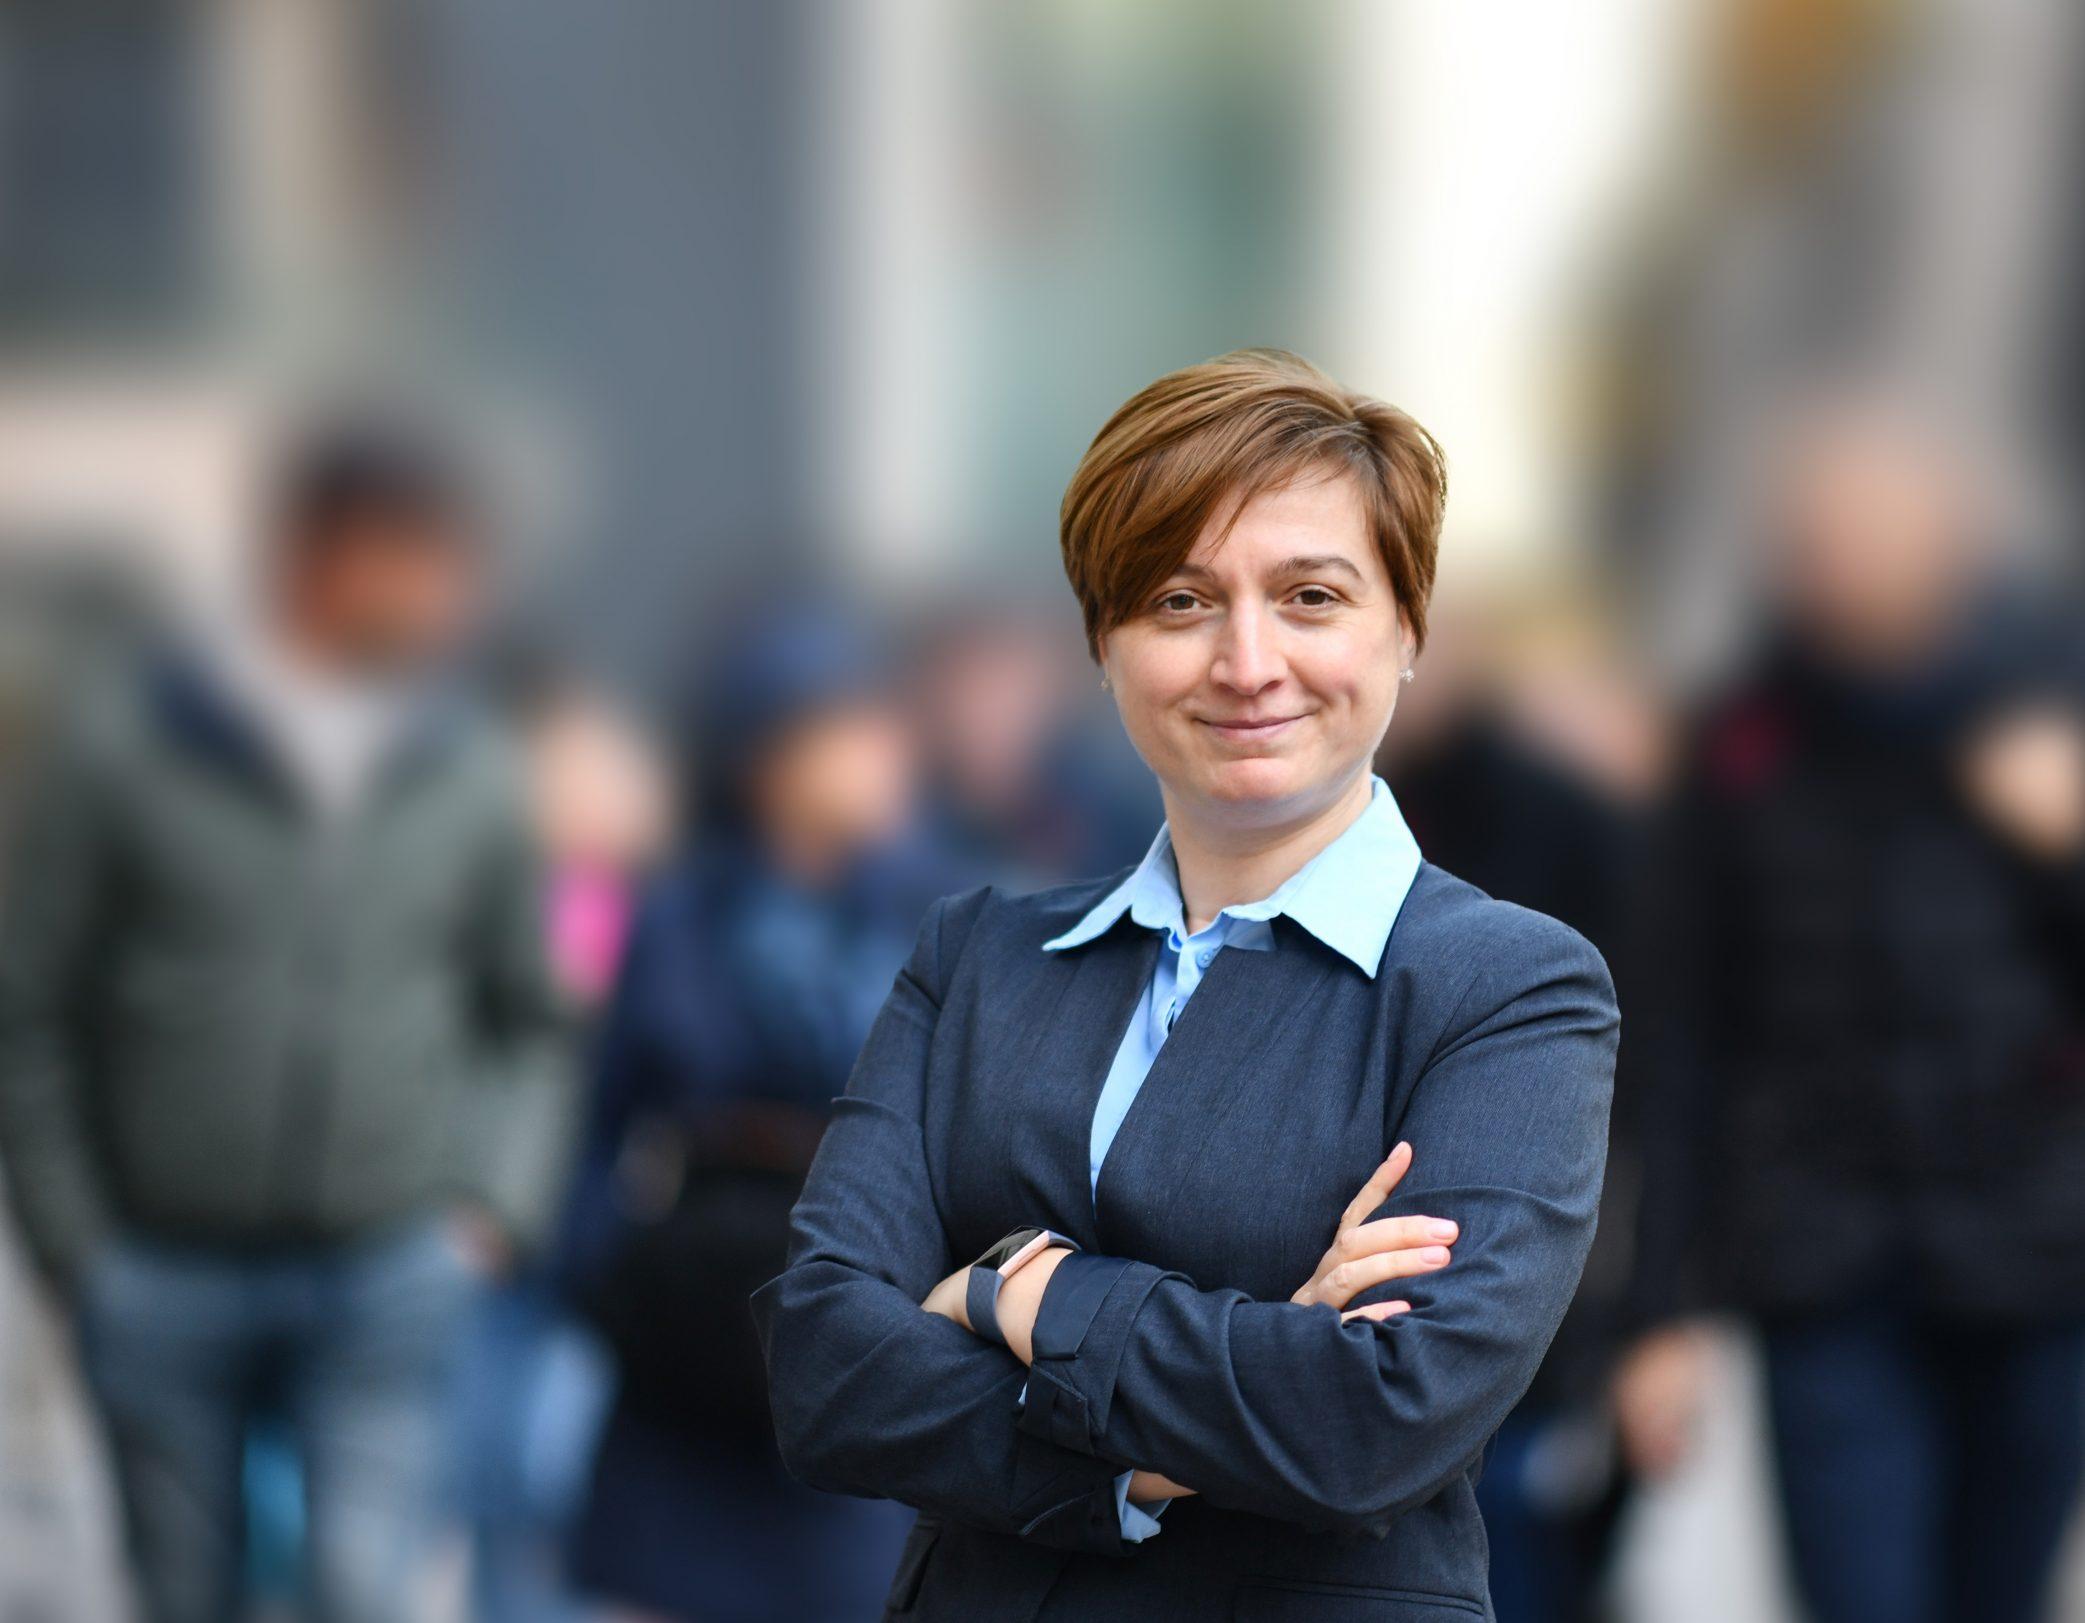 Happy Business Portrait